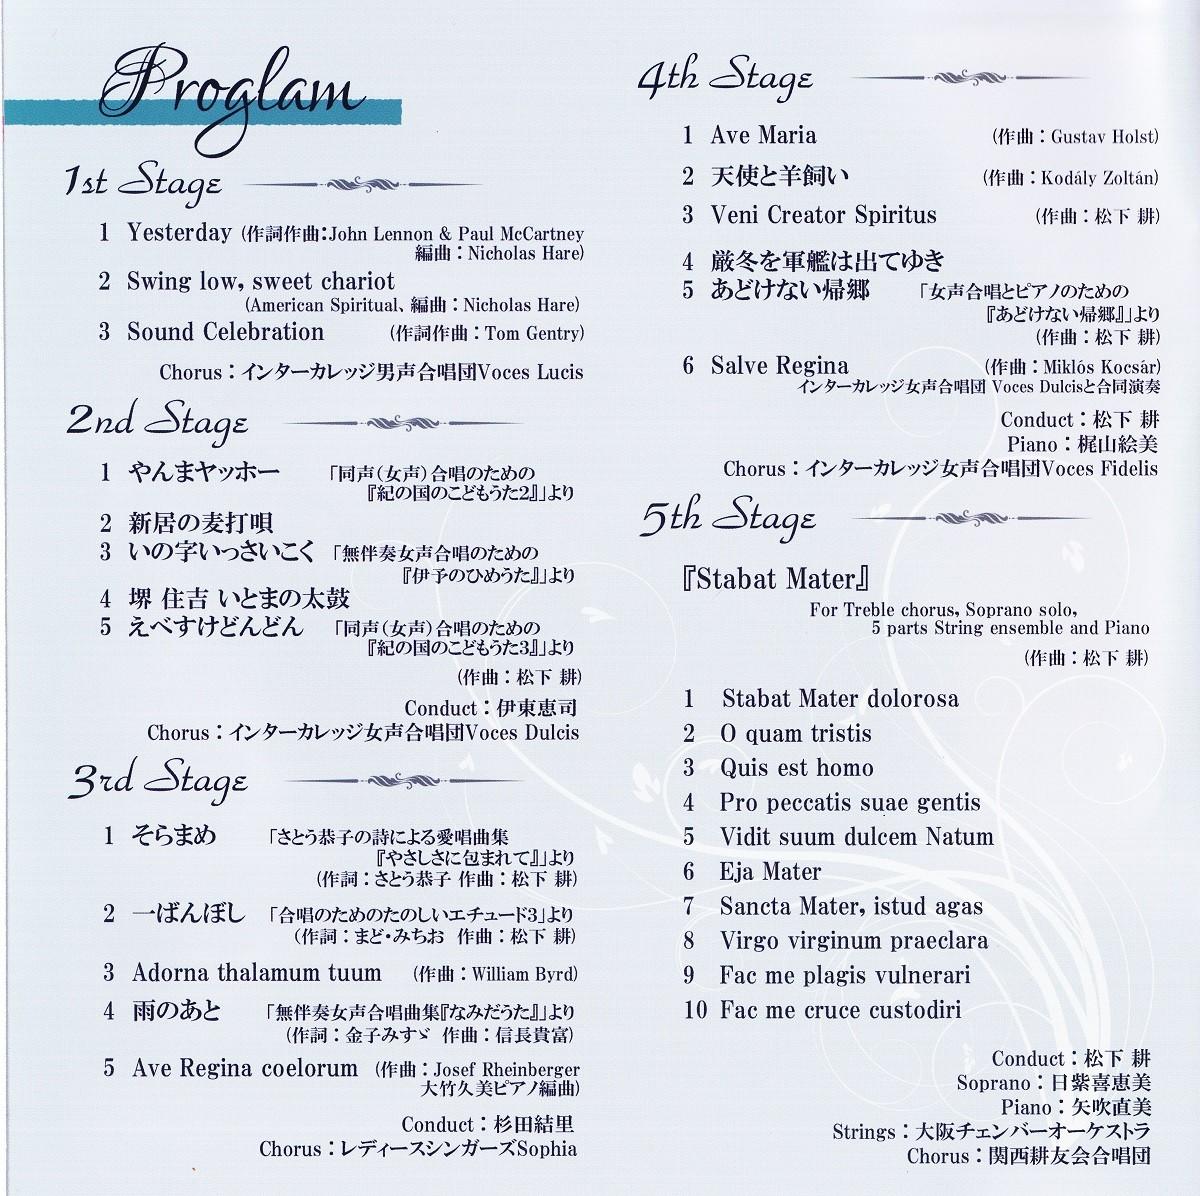 パンフレット Proglamページ